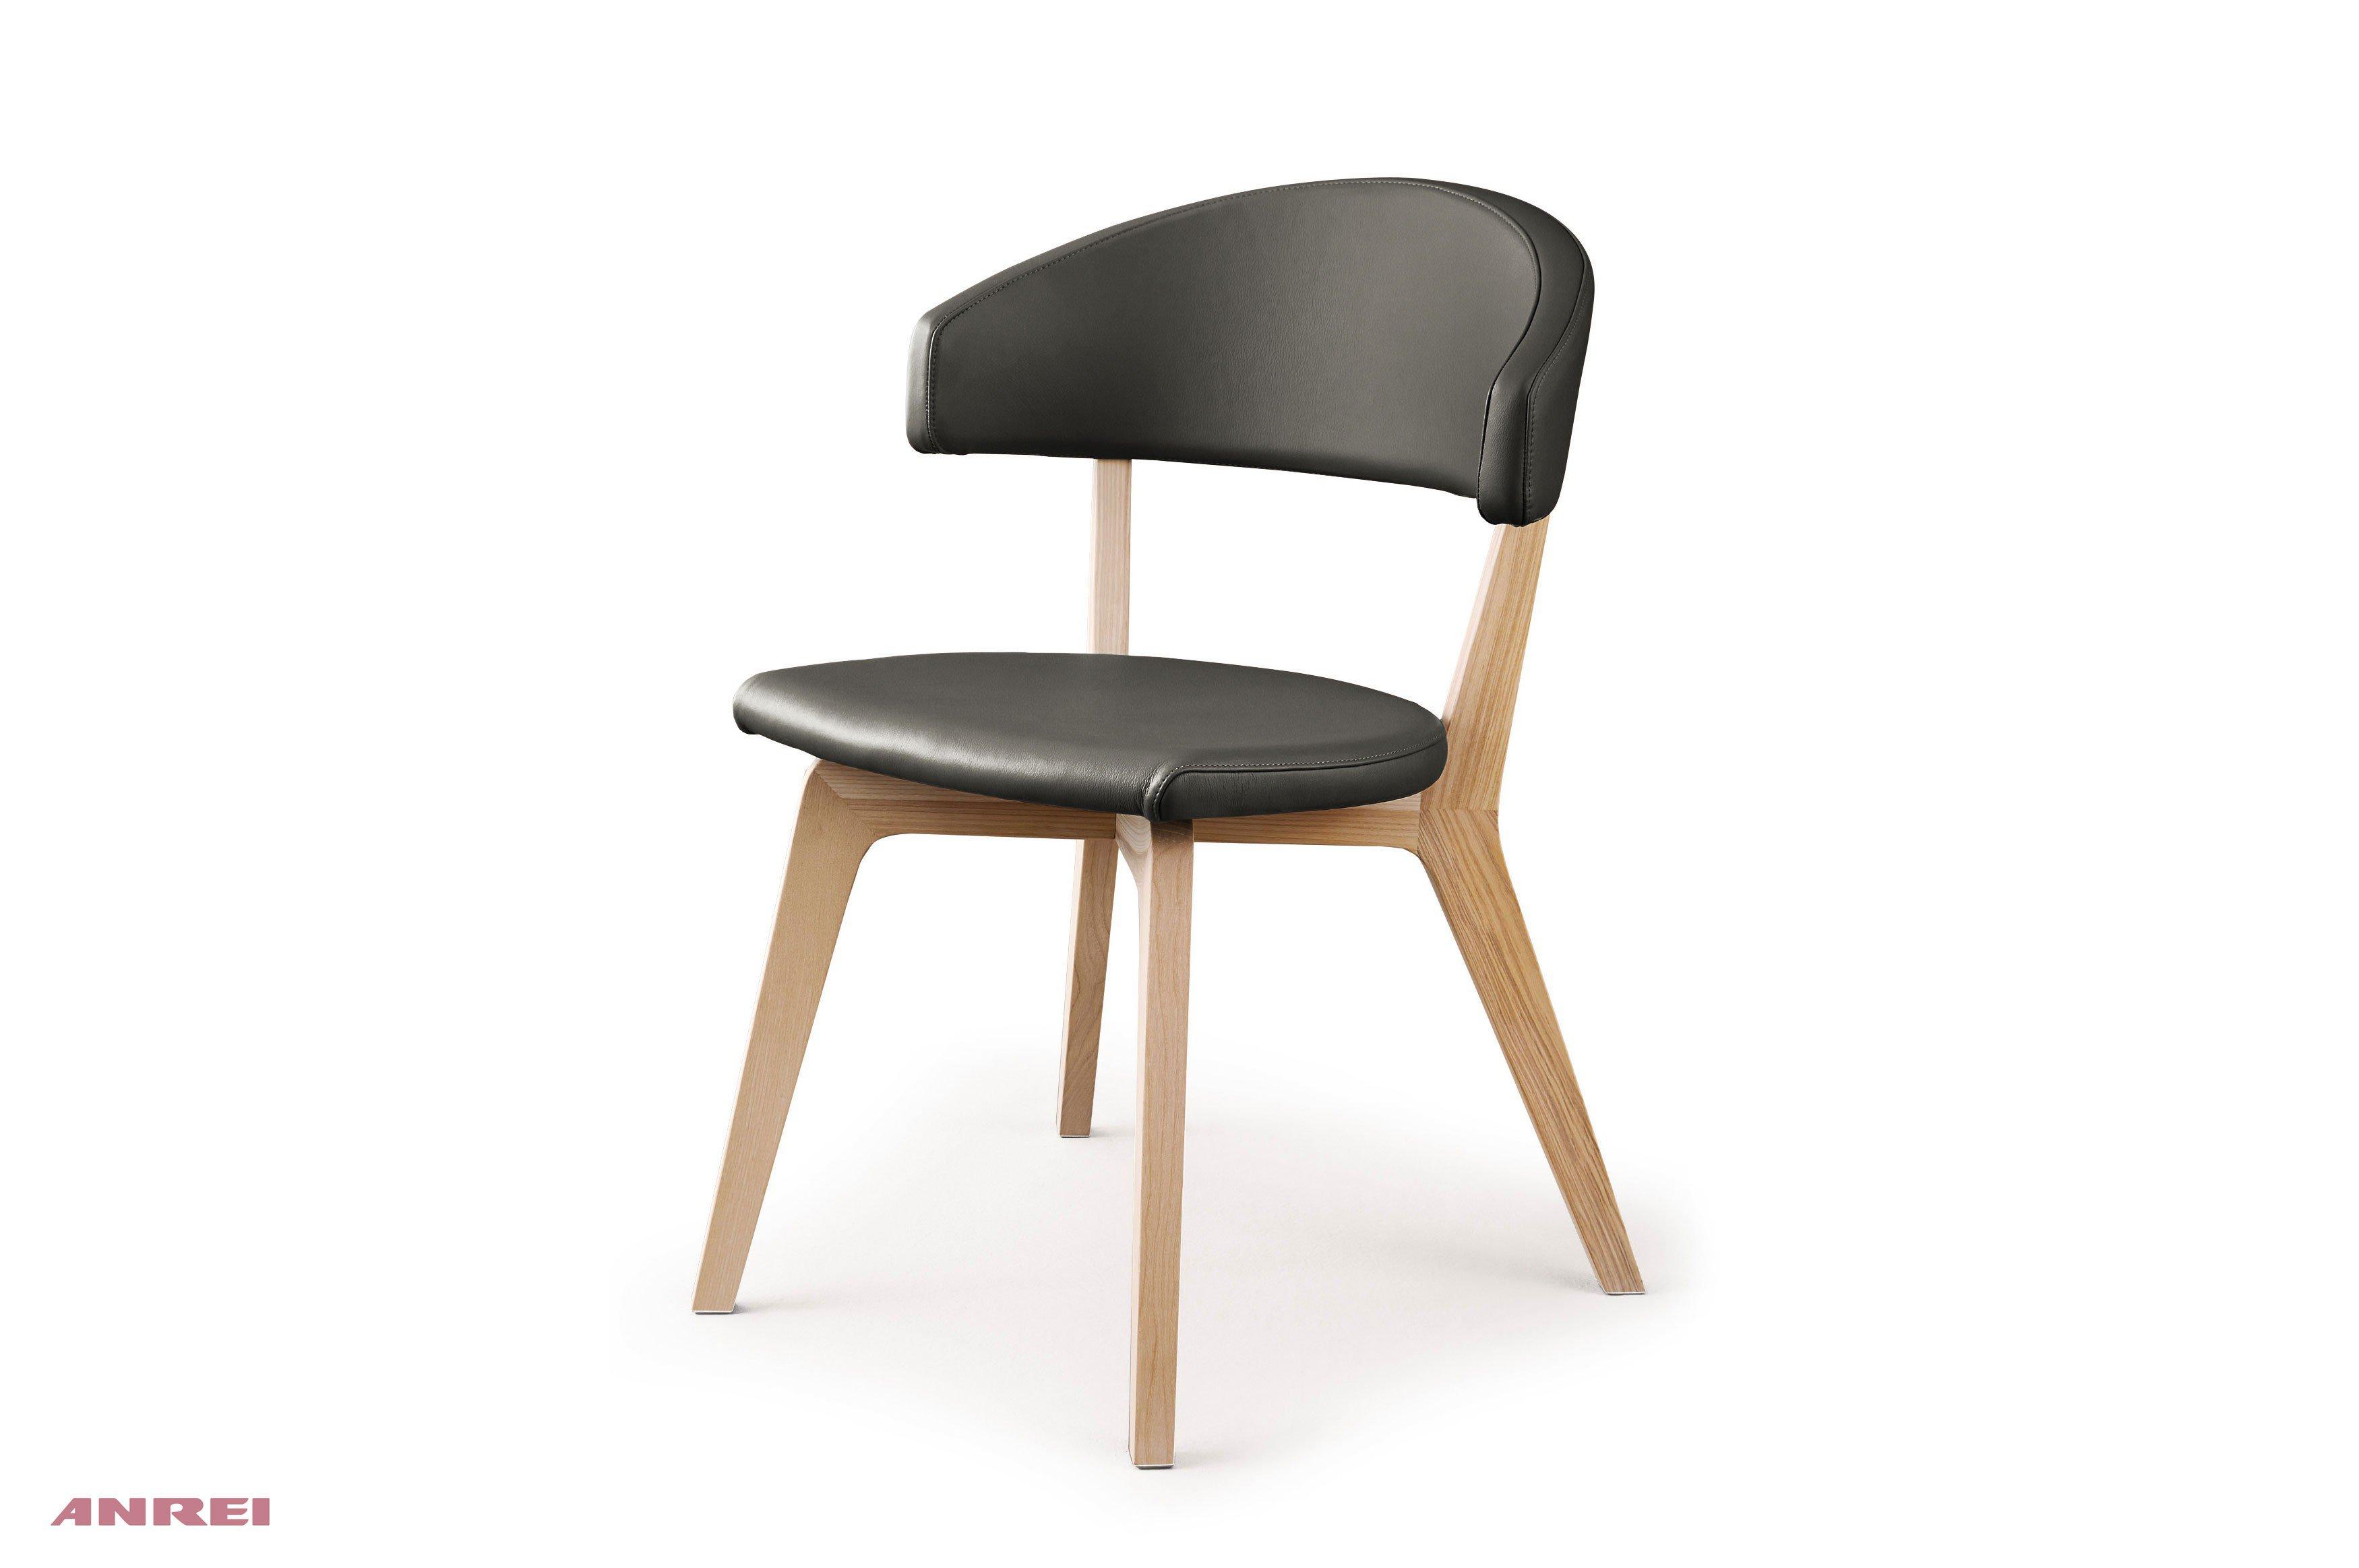 Stuhl 632 von ANREI 4 Fuß Stuhl Nubukleder Kernesche